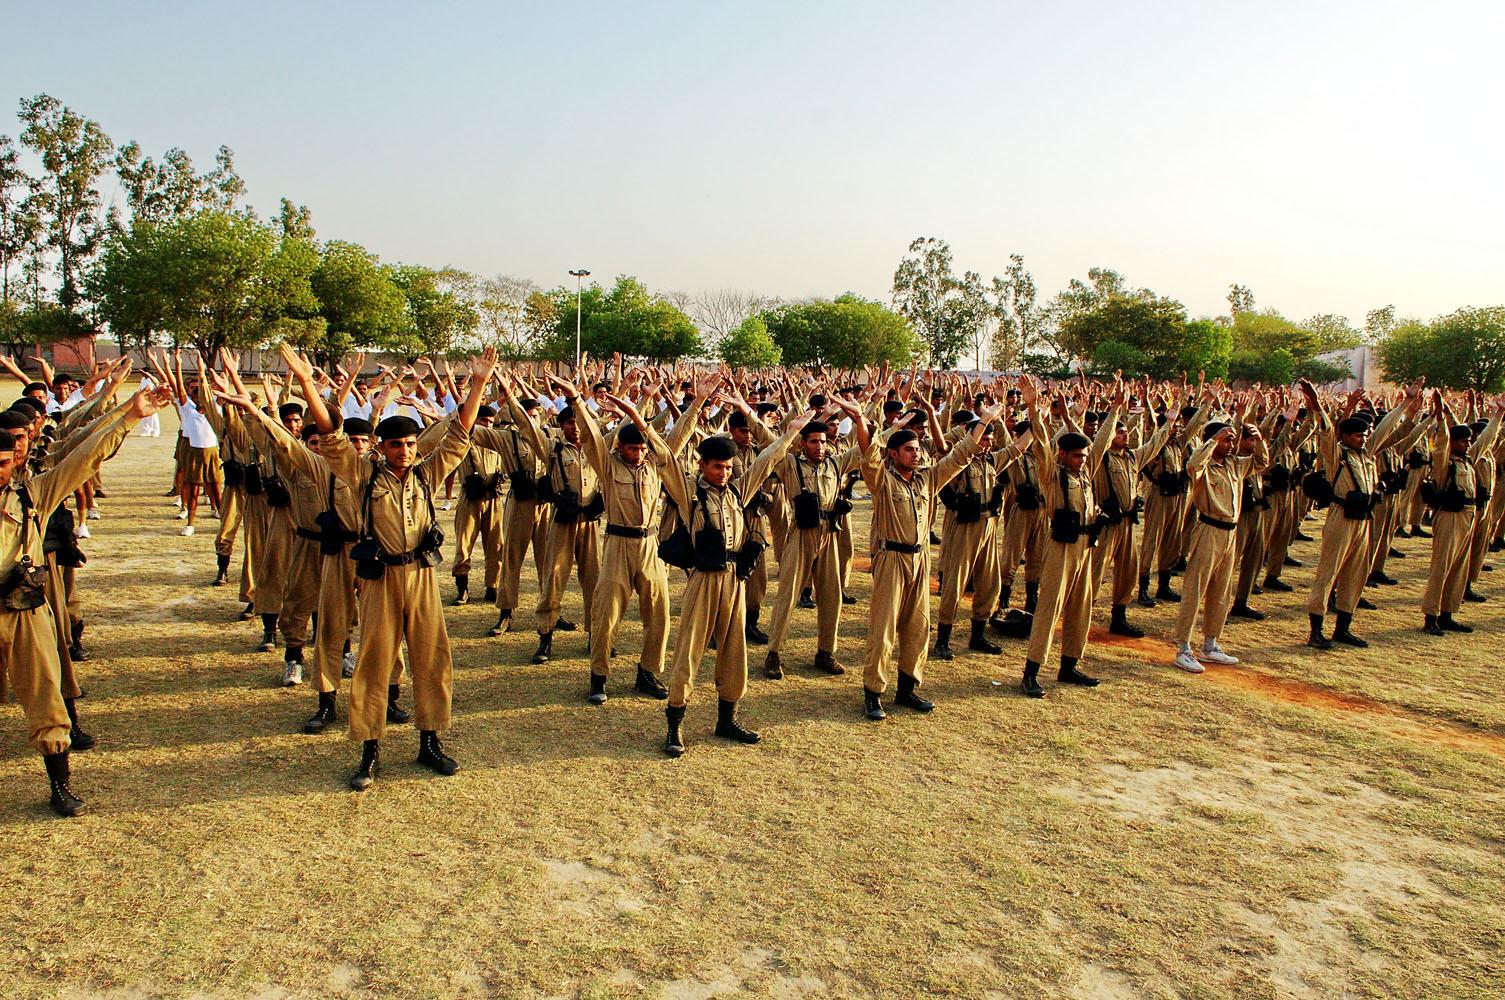 2009年4月13日,印度首都德里(Delhi)警察训练大学的上千学生学炼法轮功。(明慧网)